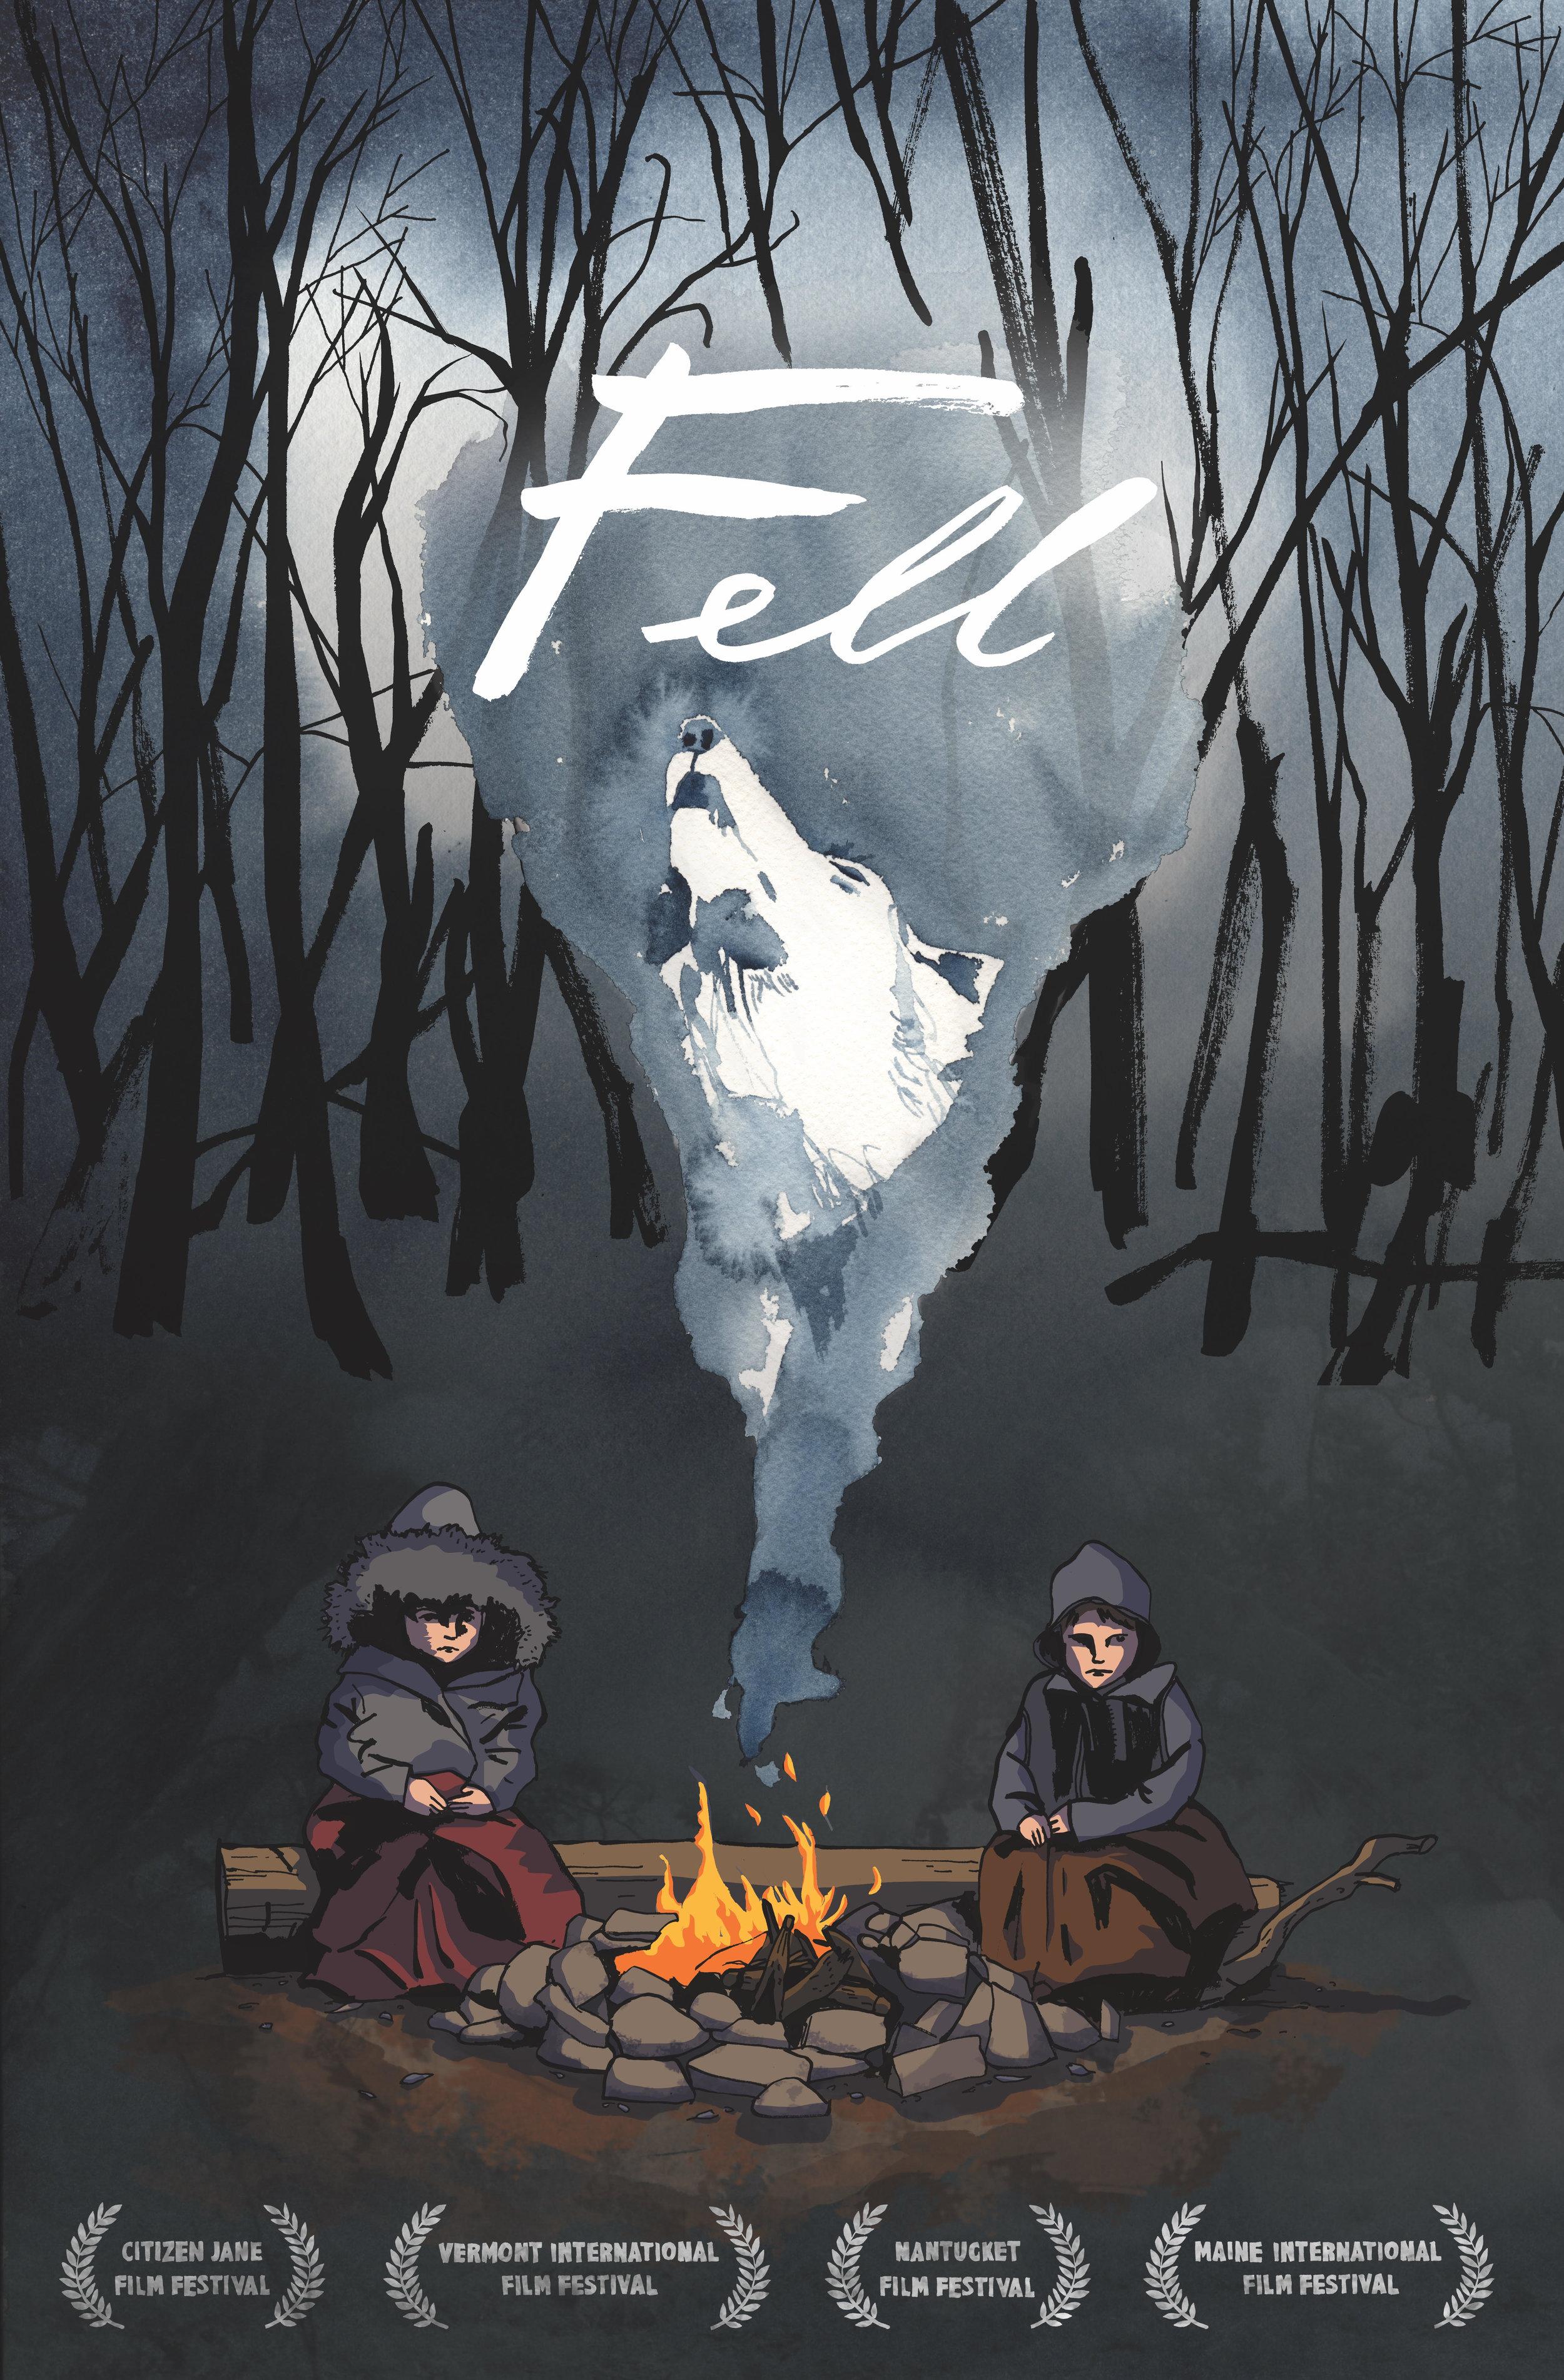 Fell Poster.jpg